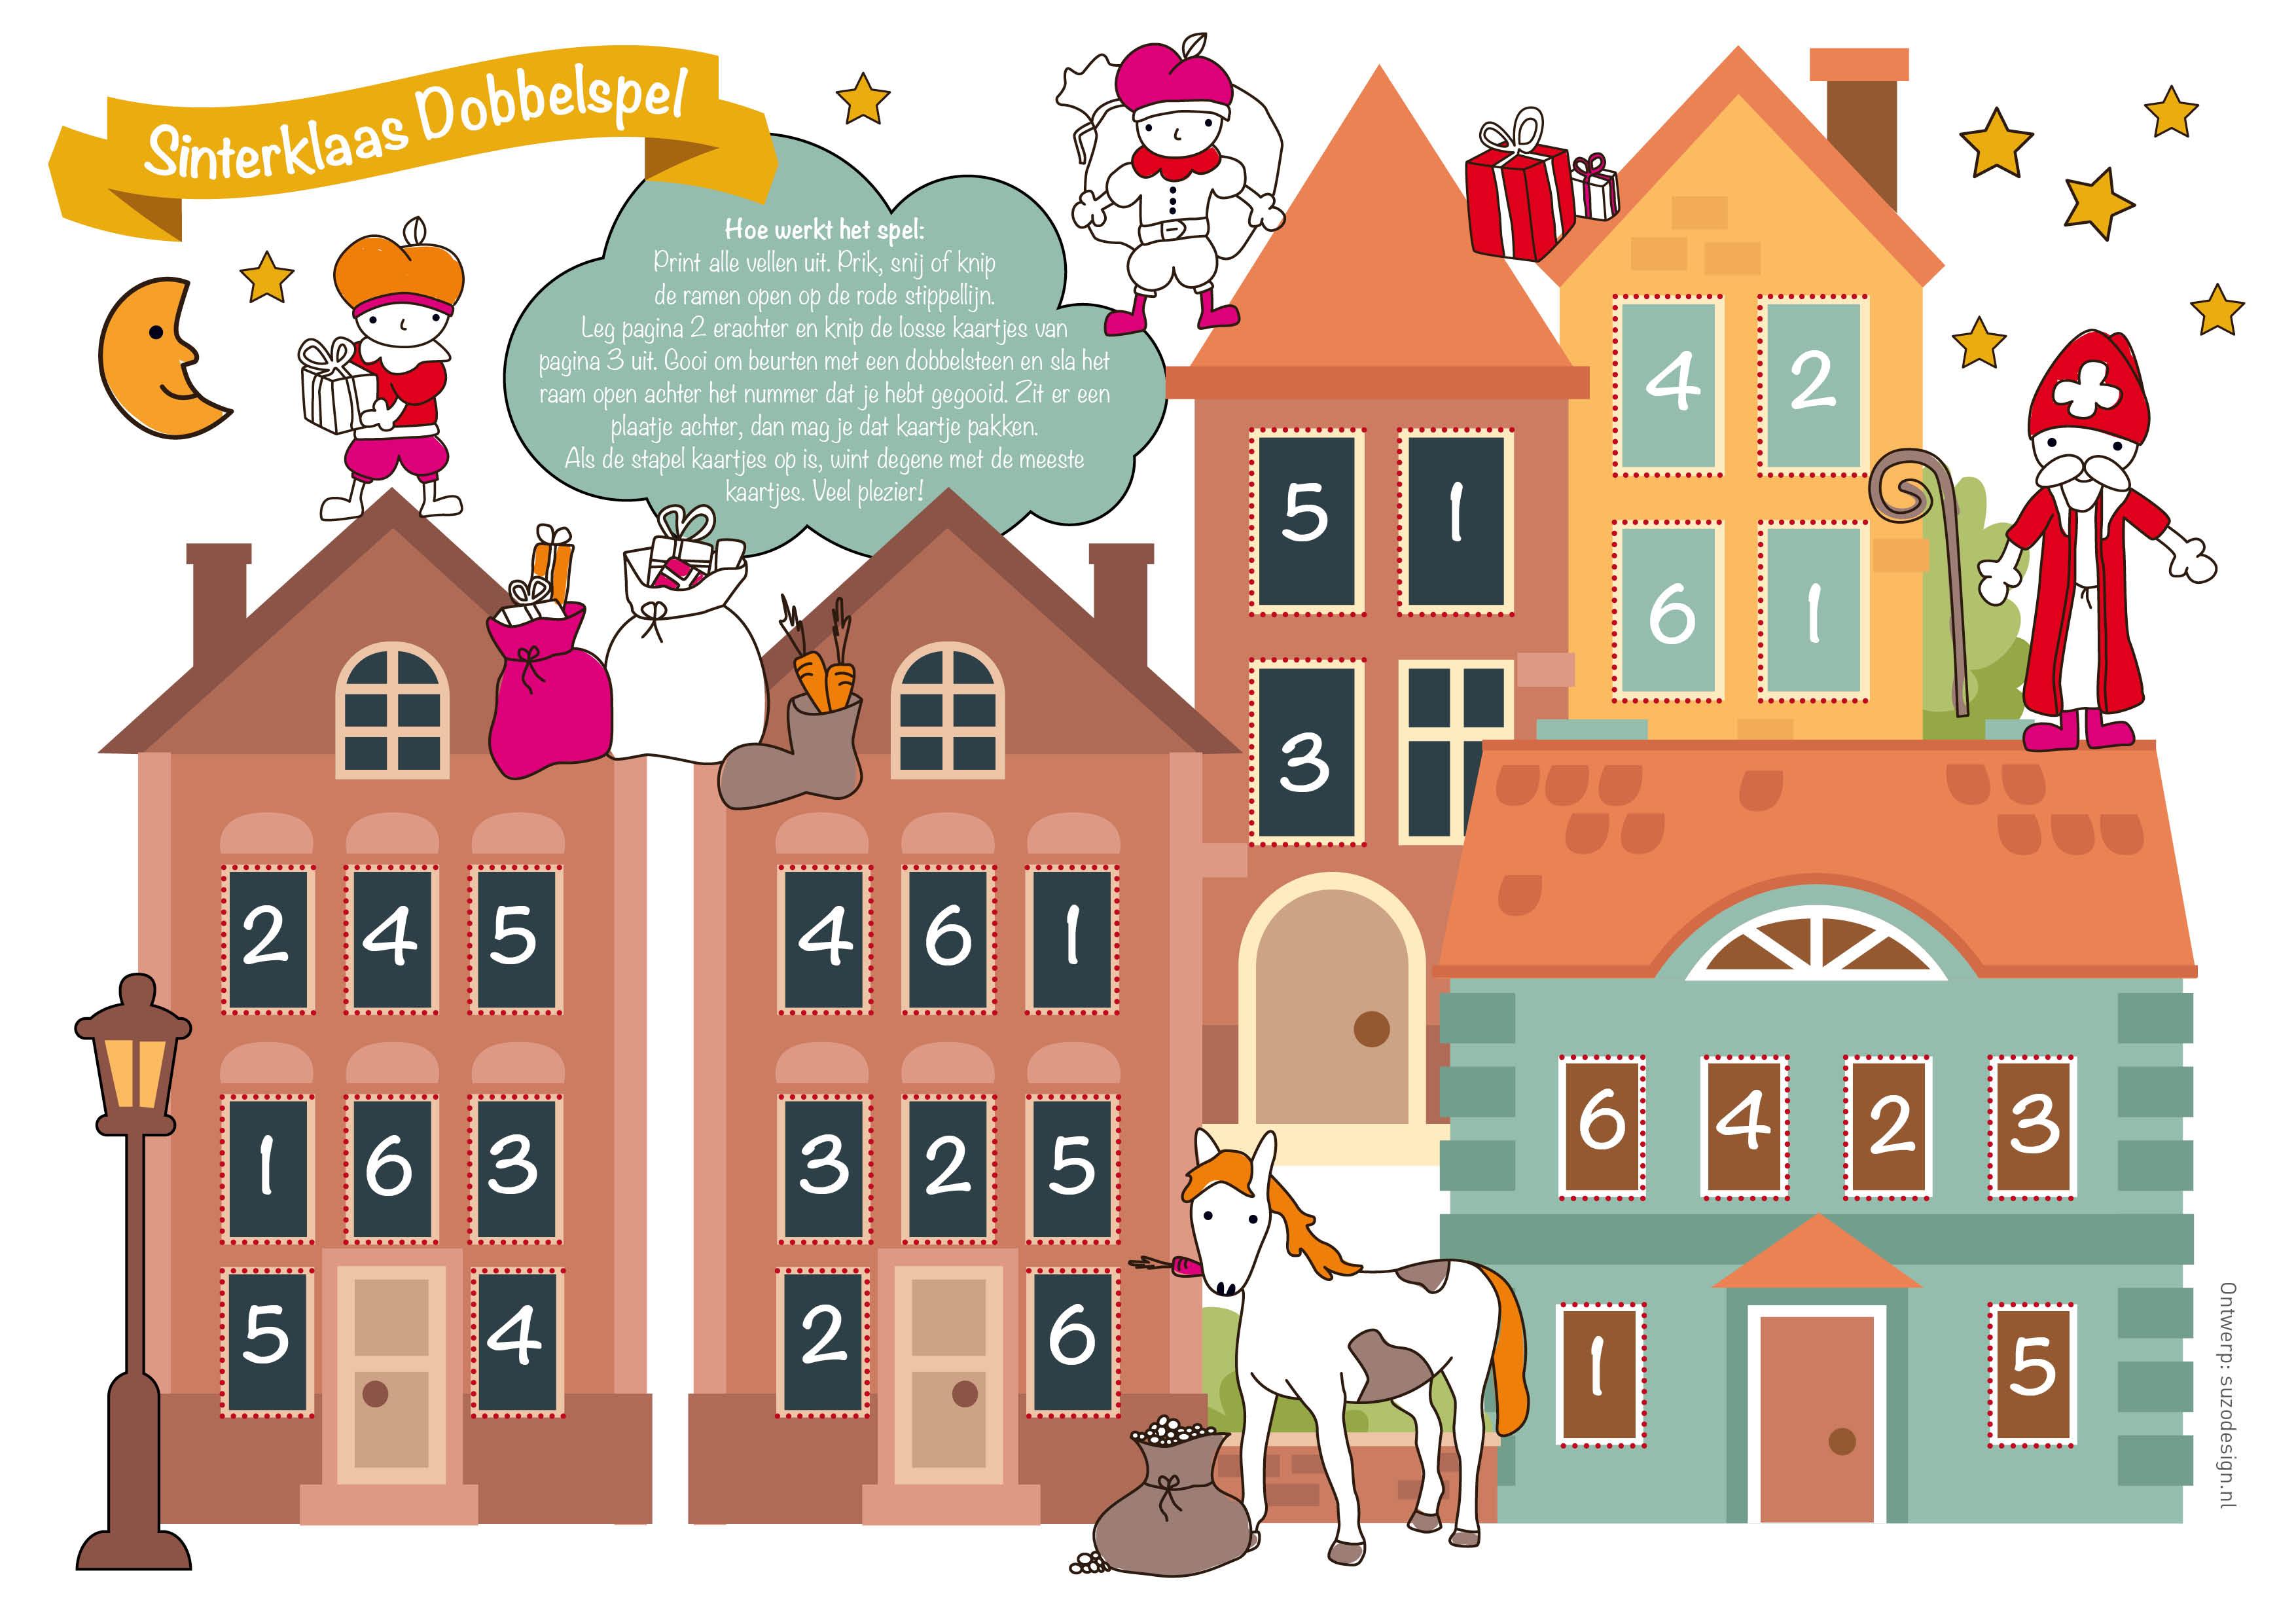 Gratis Printable Sinterklaasspel Voor Kinderen Hip Amp Hot